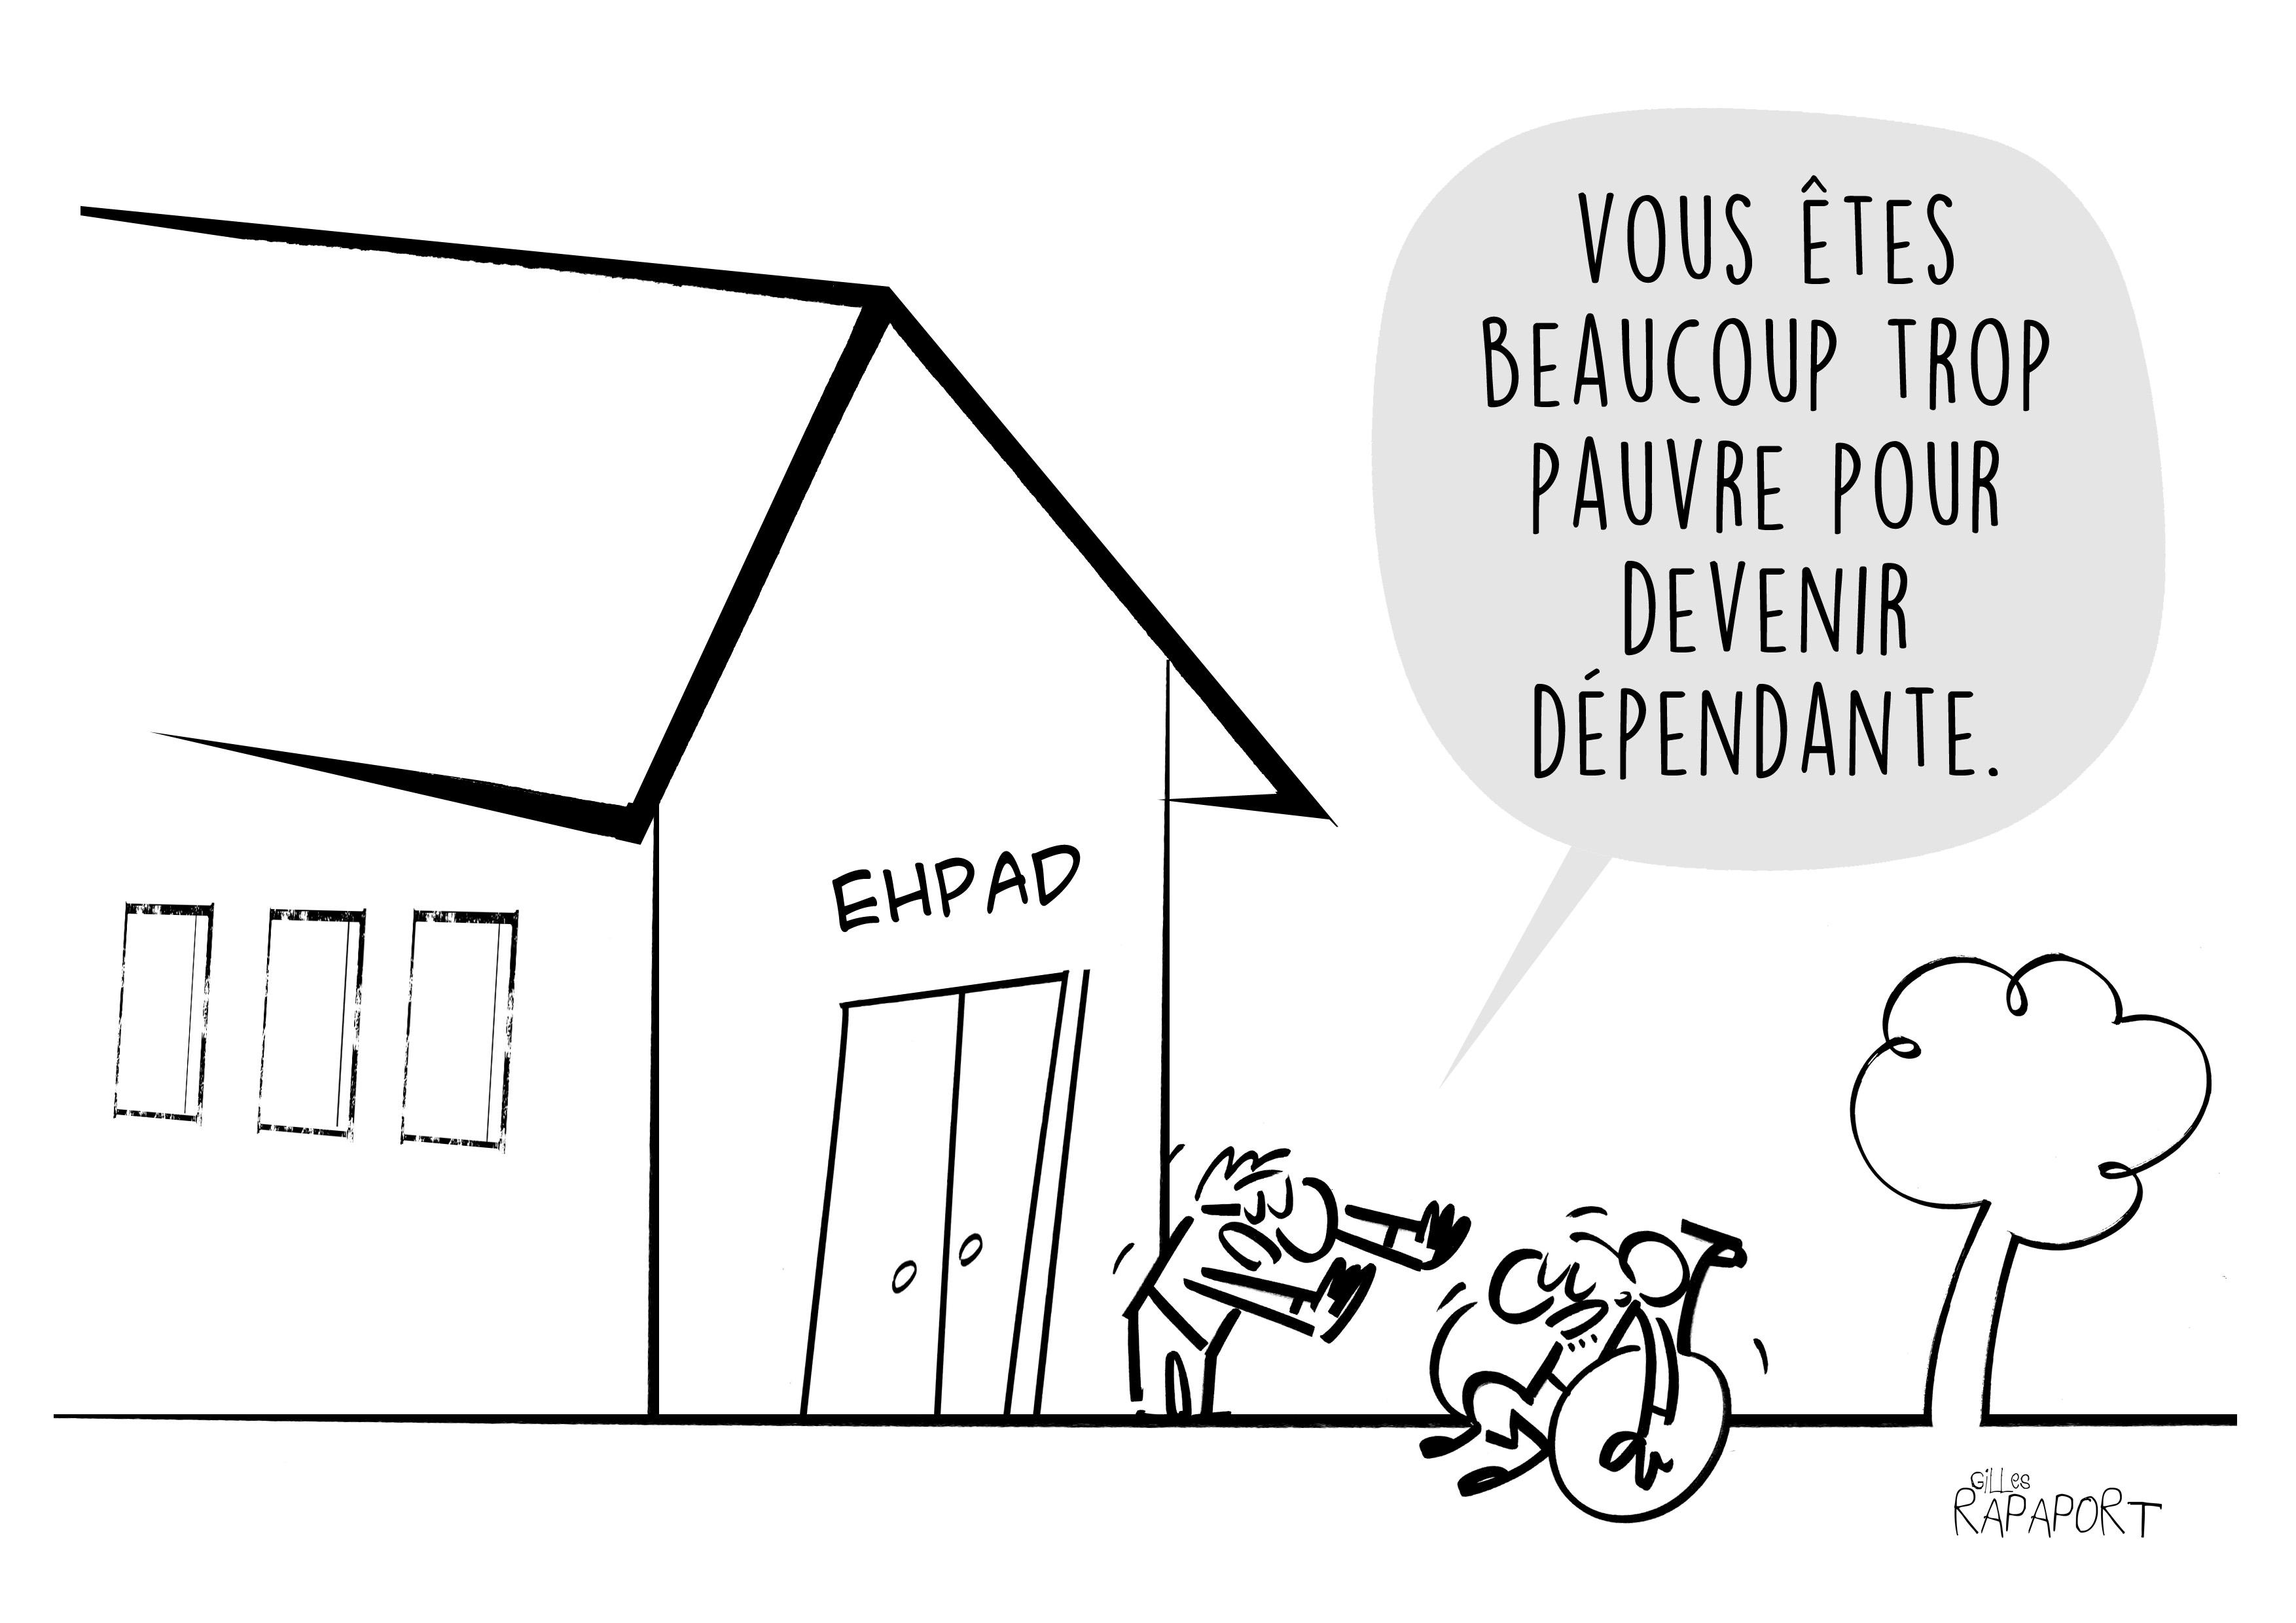 RAP18217